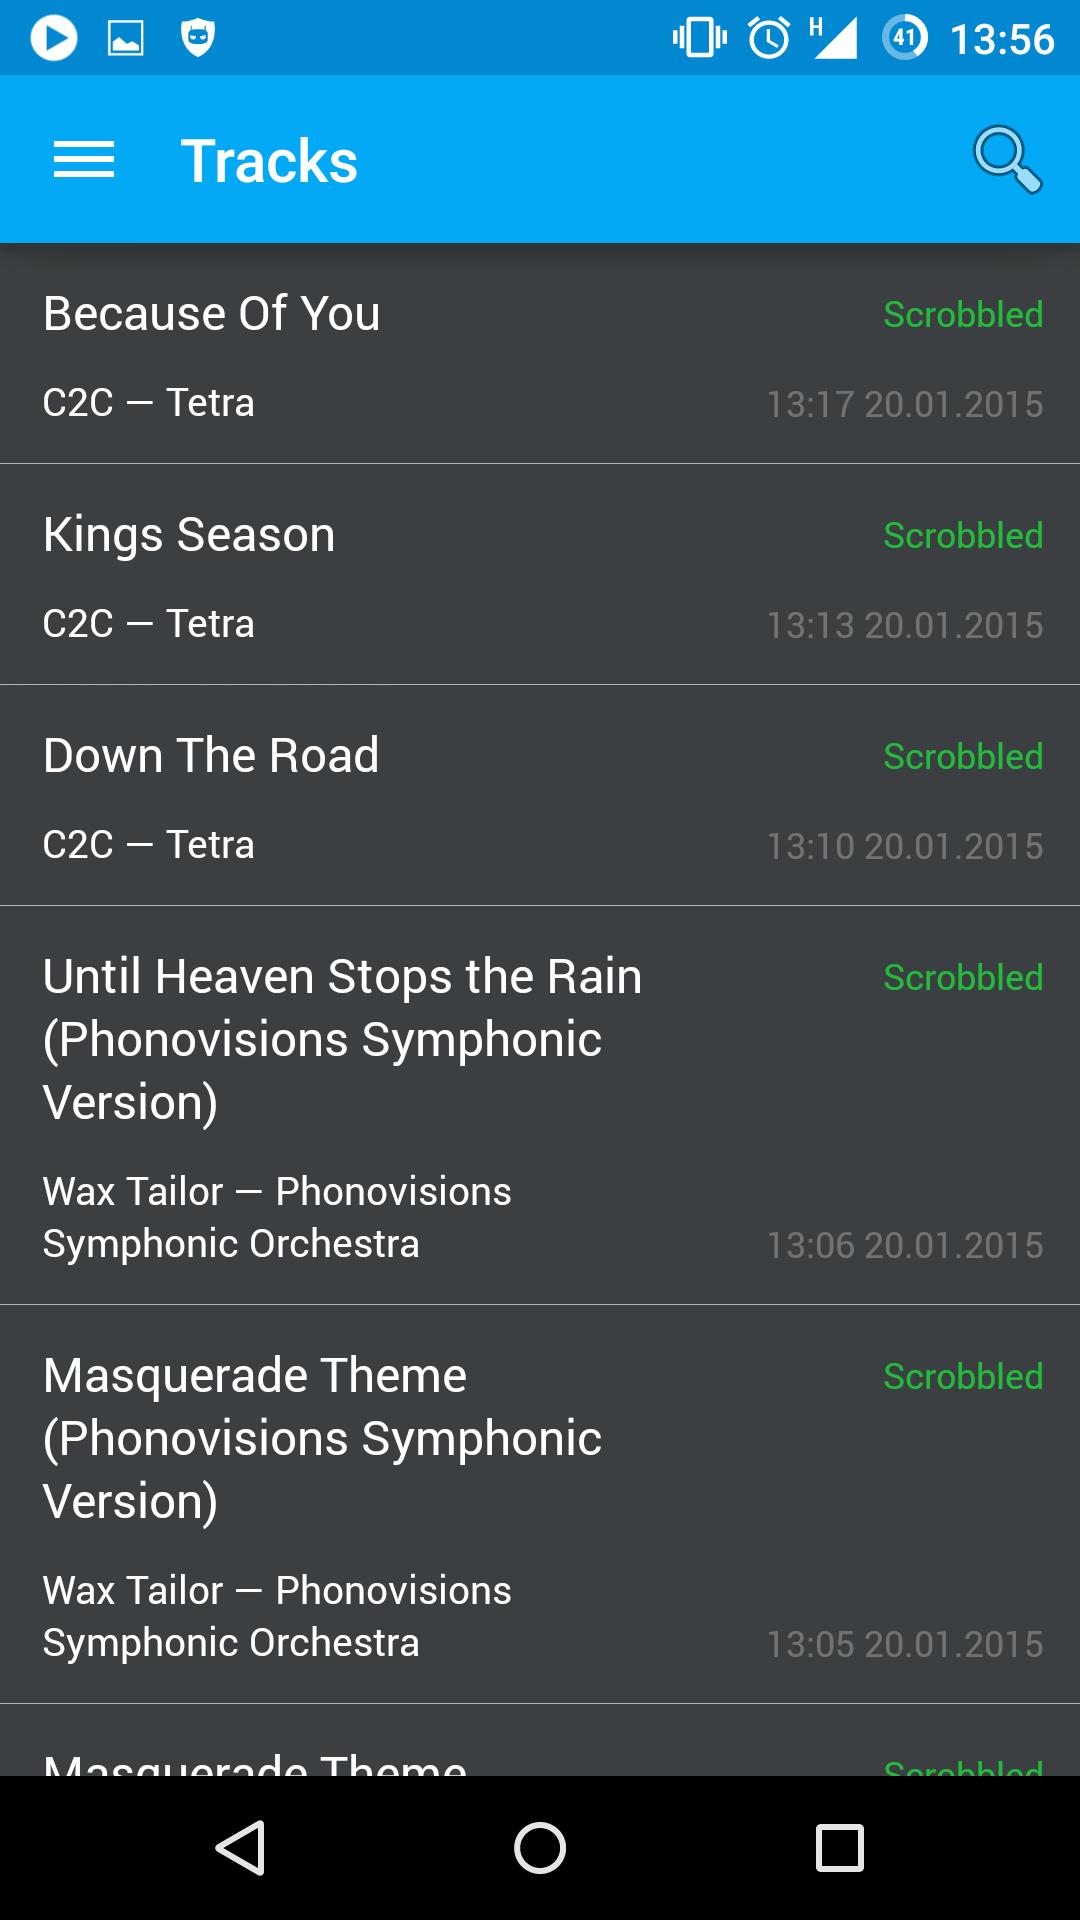 Captured tracks list